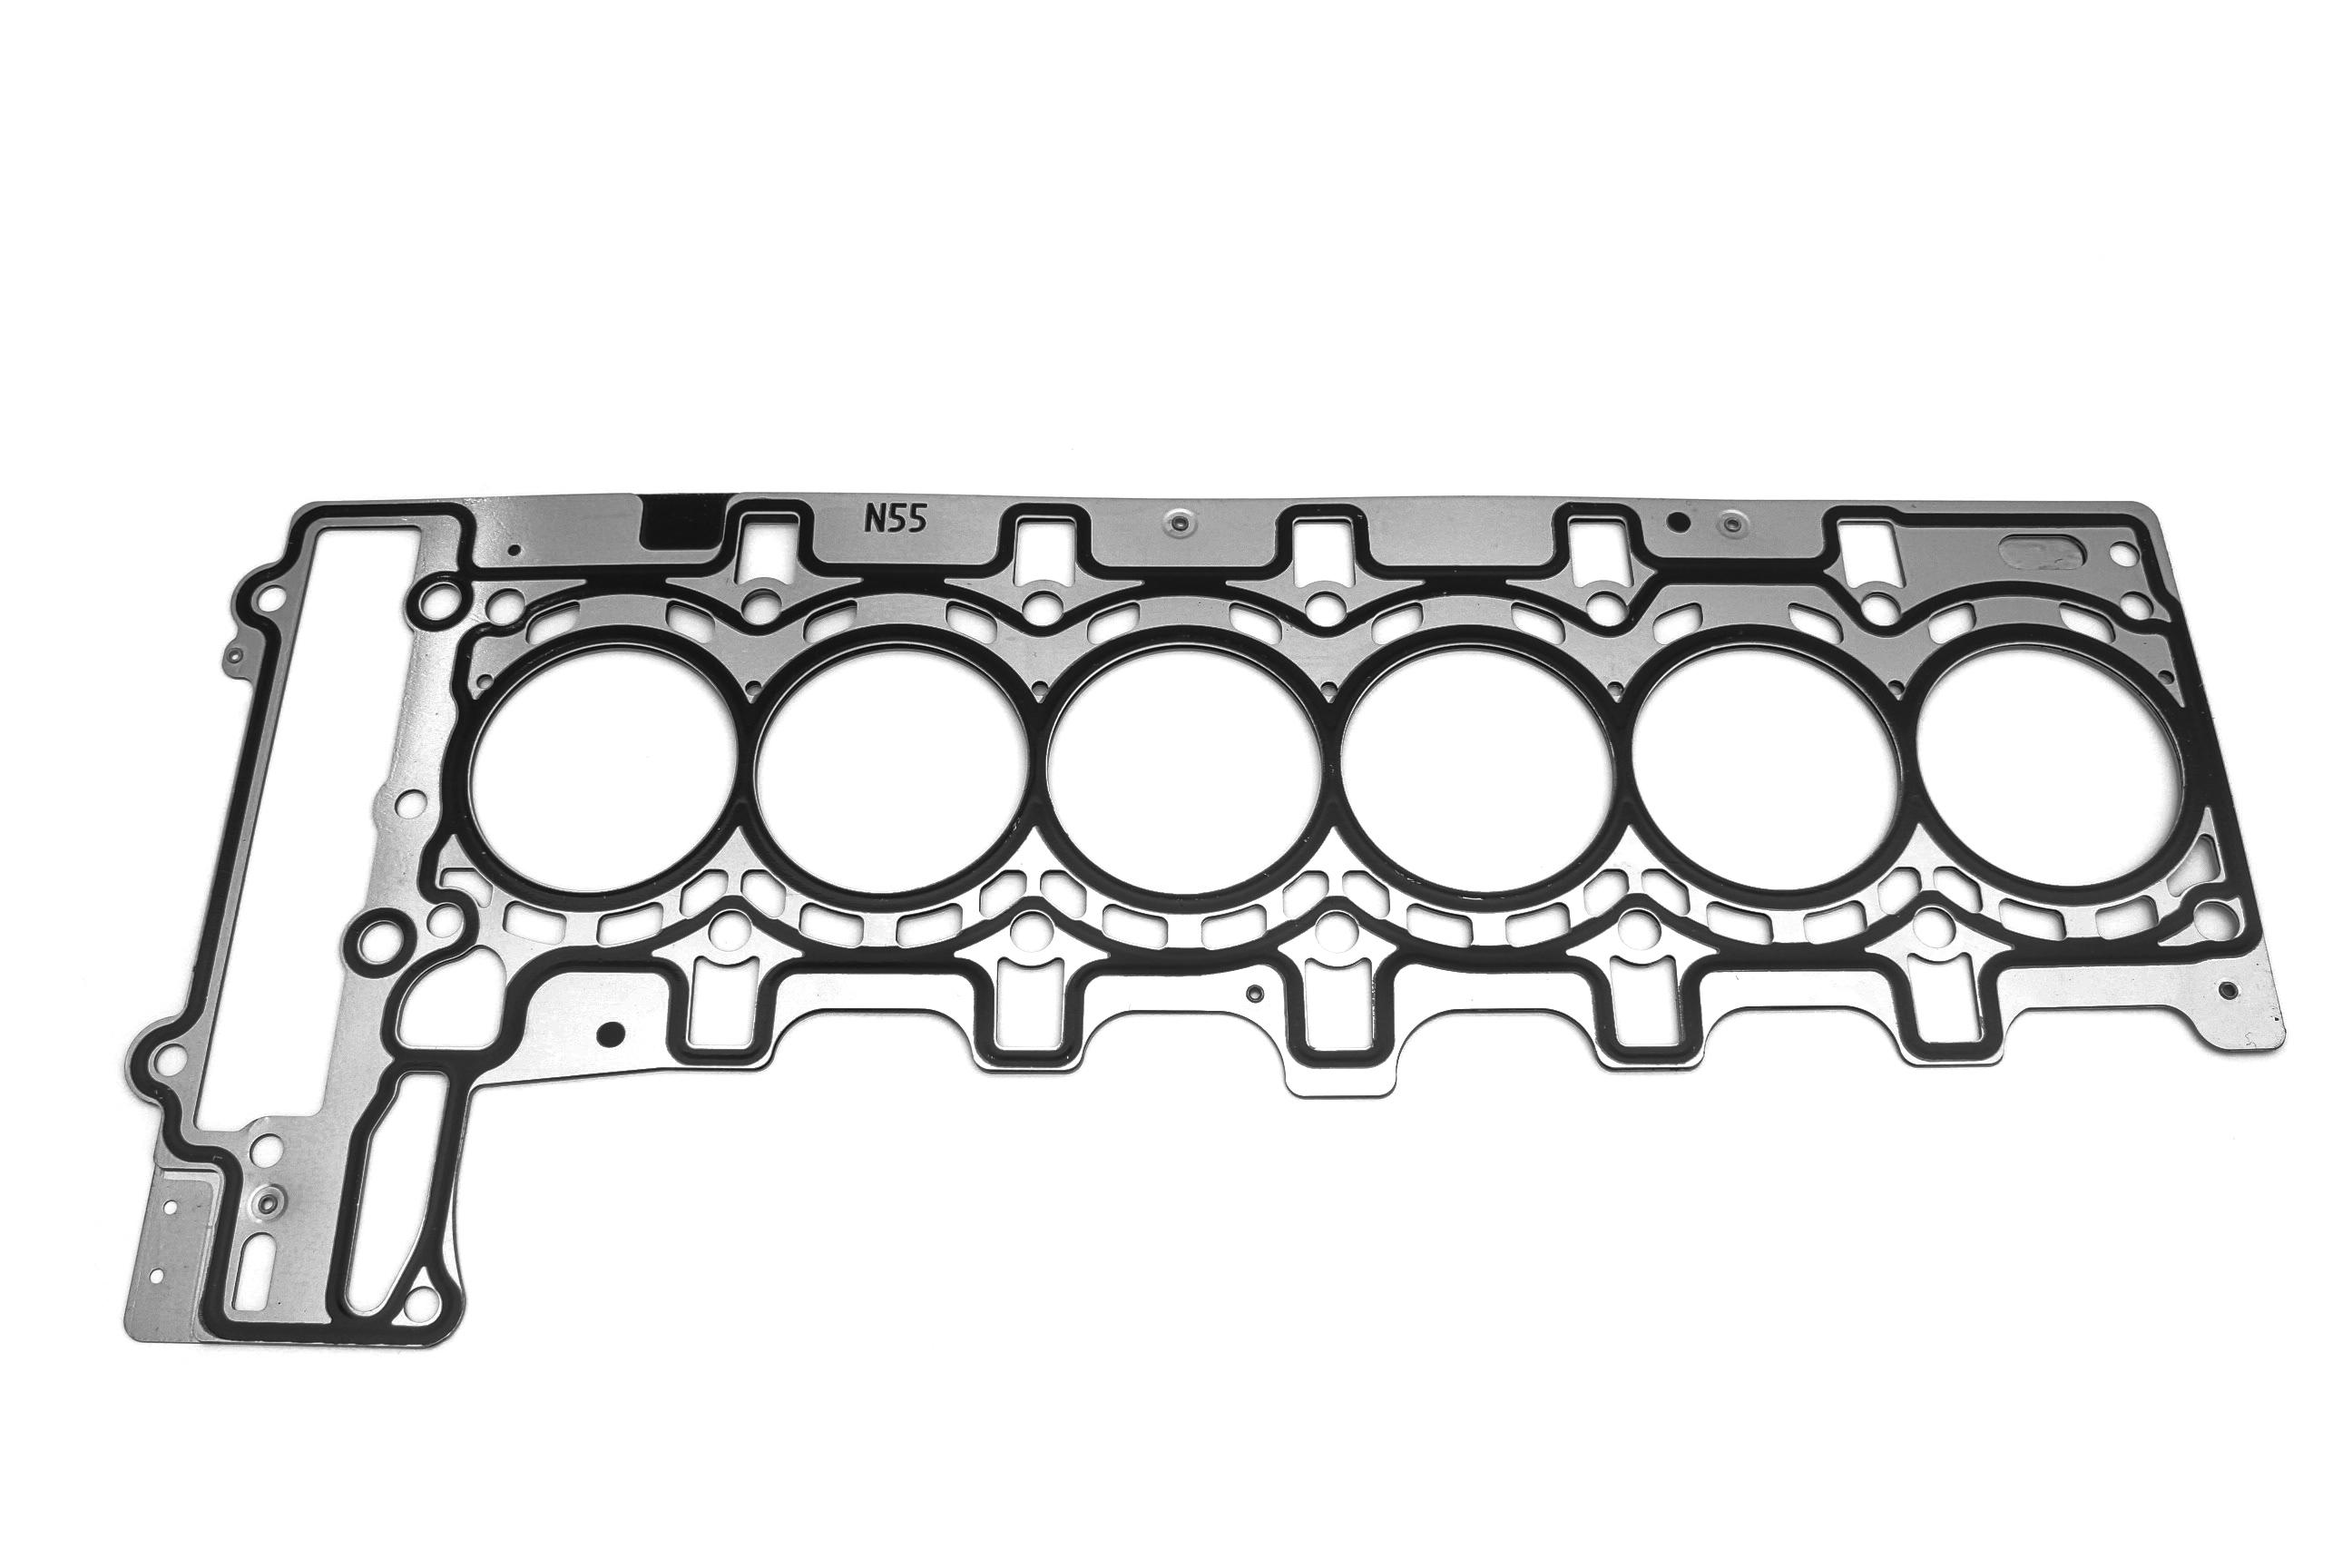 Zylinderkopfdichtung ZKD Dichtung BMW 1er F20 3,0 N55 N55B30A 11127599212 NEU